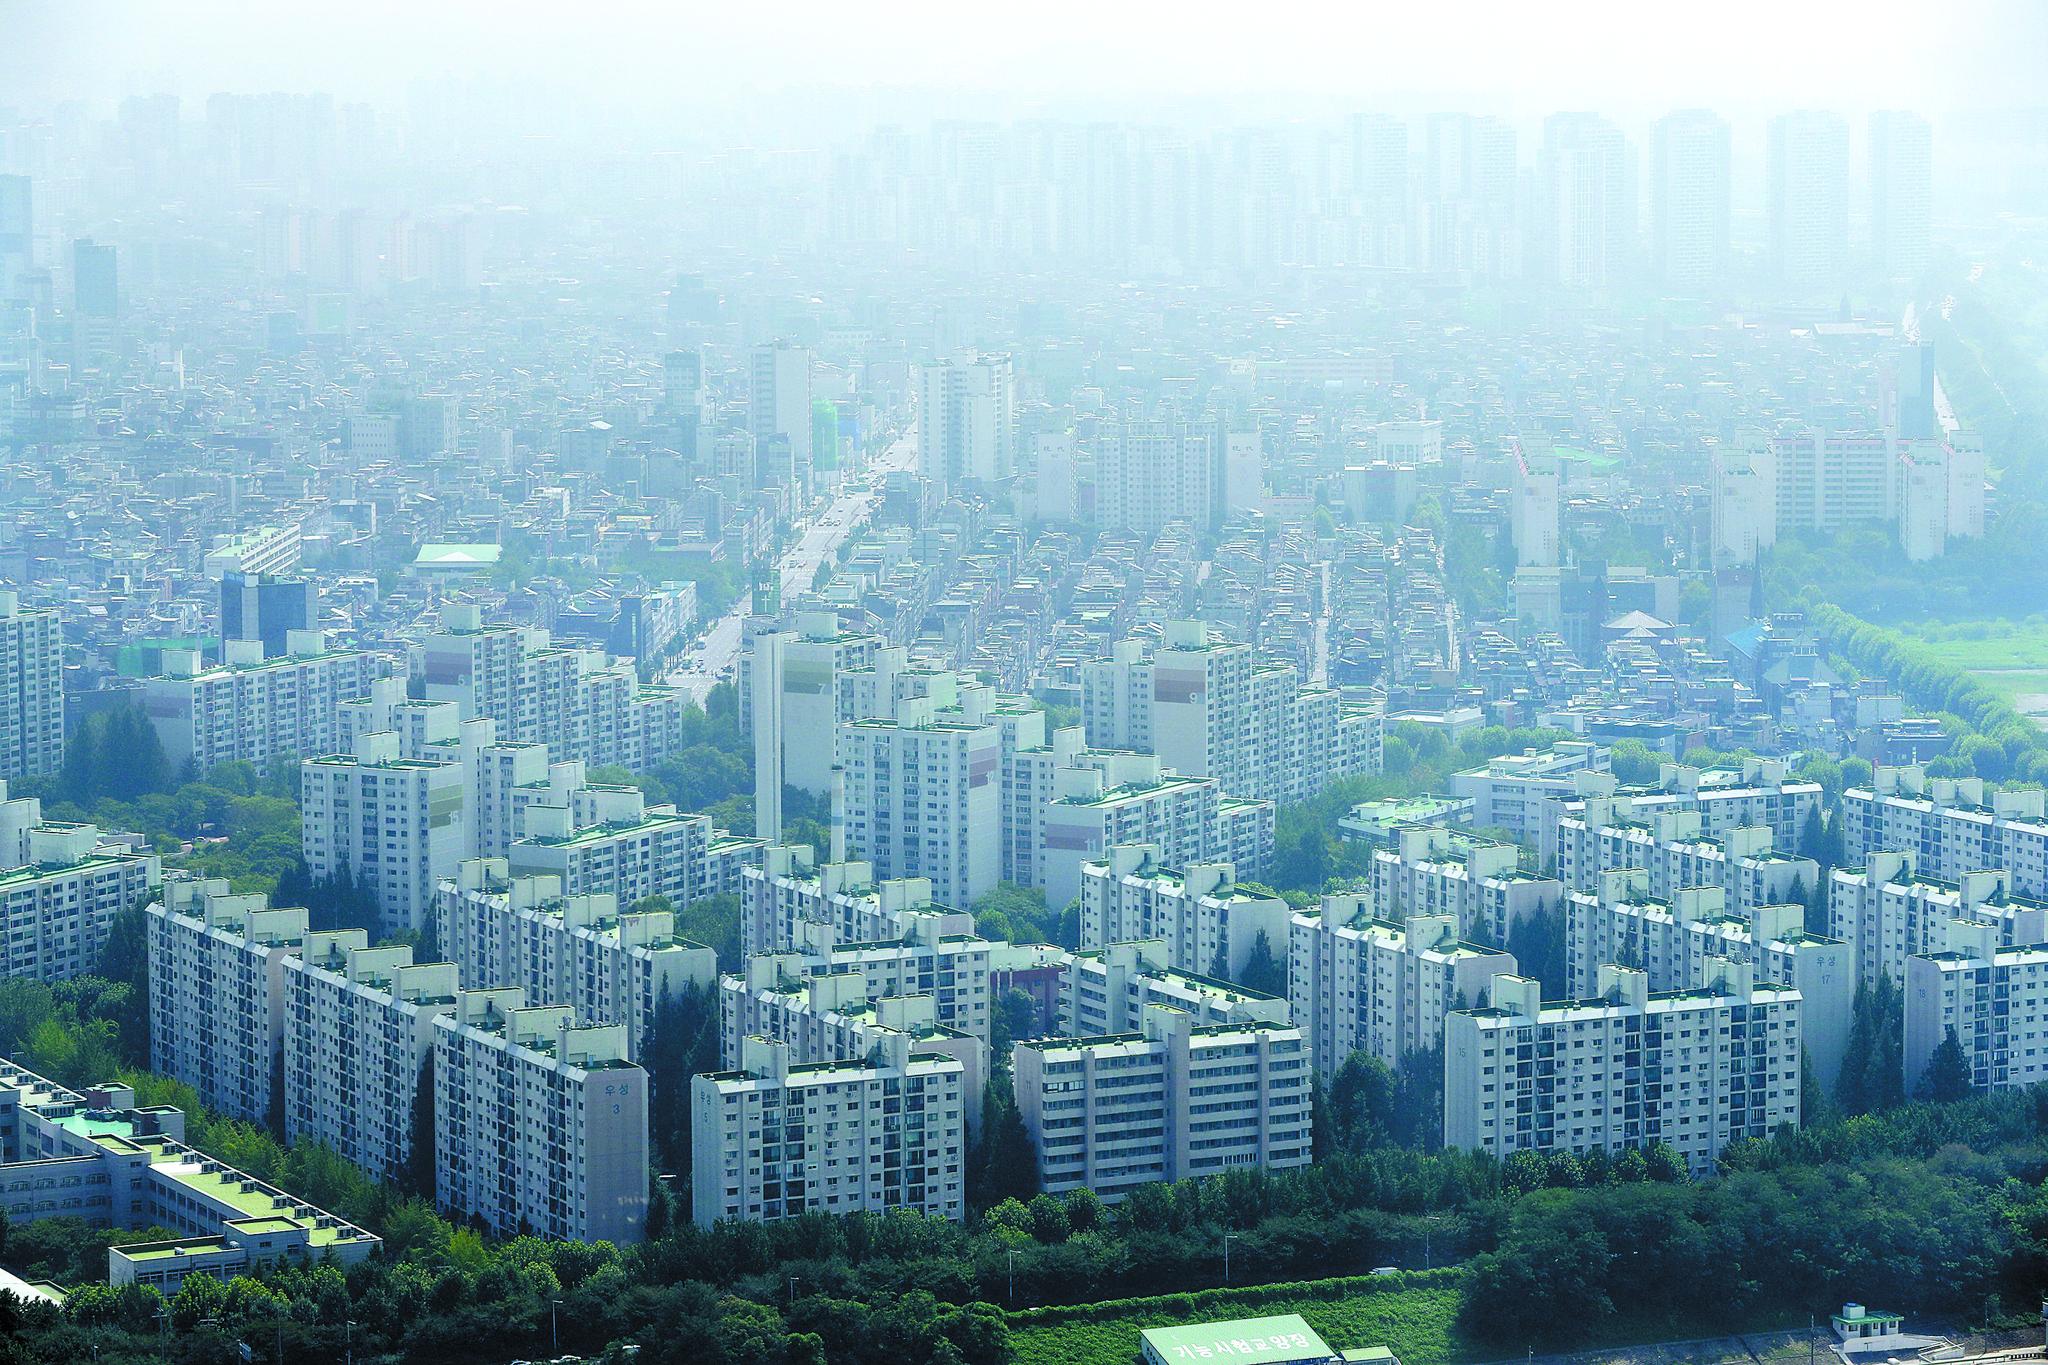 강남 아파트 92%가 9억 넘어…서울 전체선 1년새 15% 증가